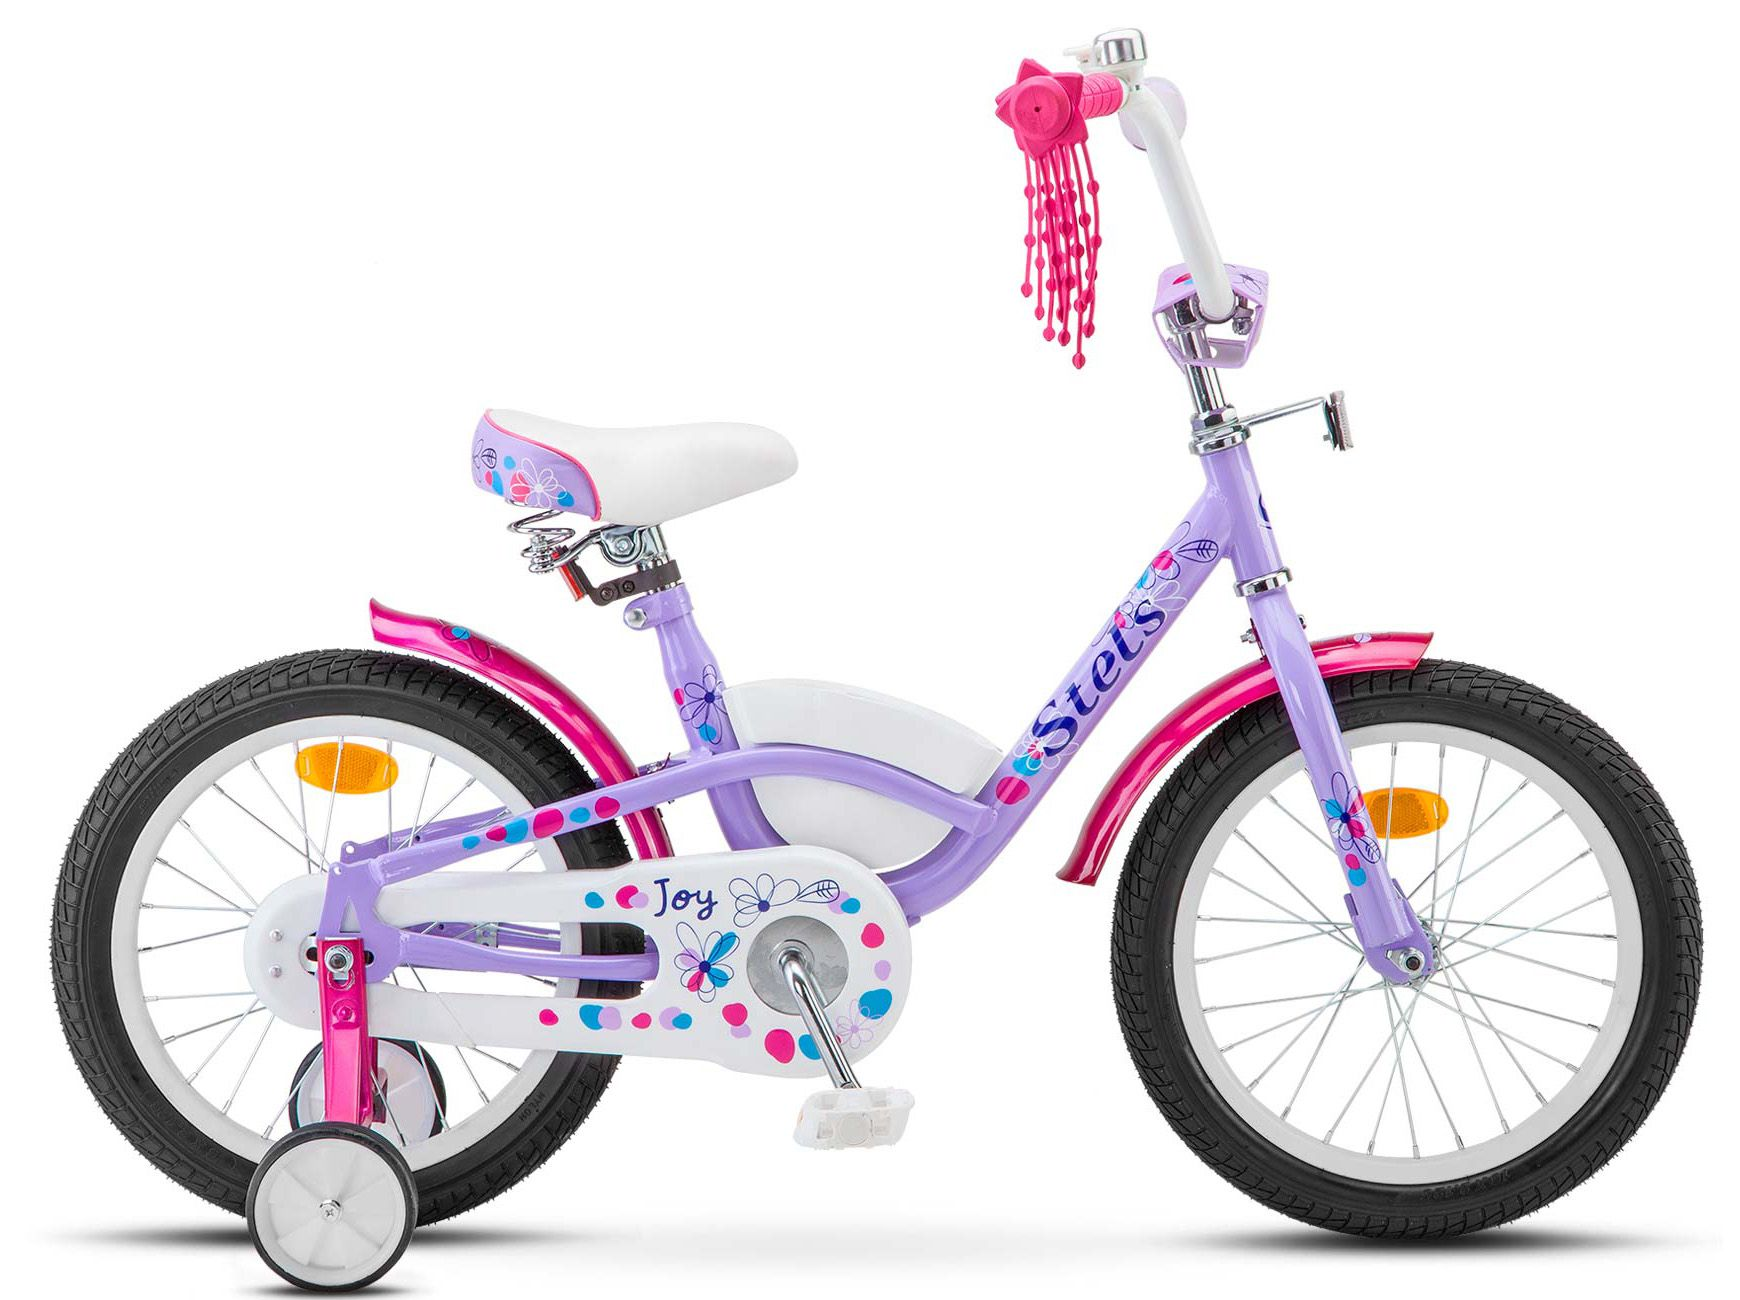 цены на Велосипед Stels Joy 16 2017 в интернет-магазинах